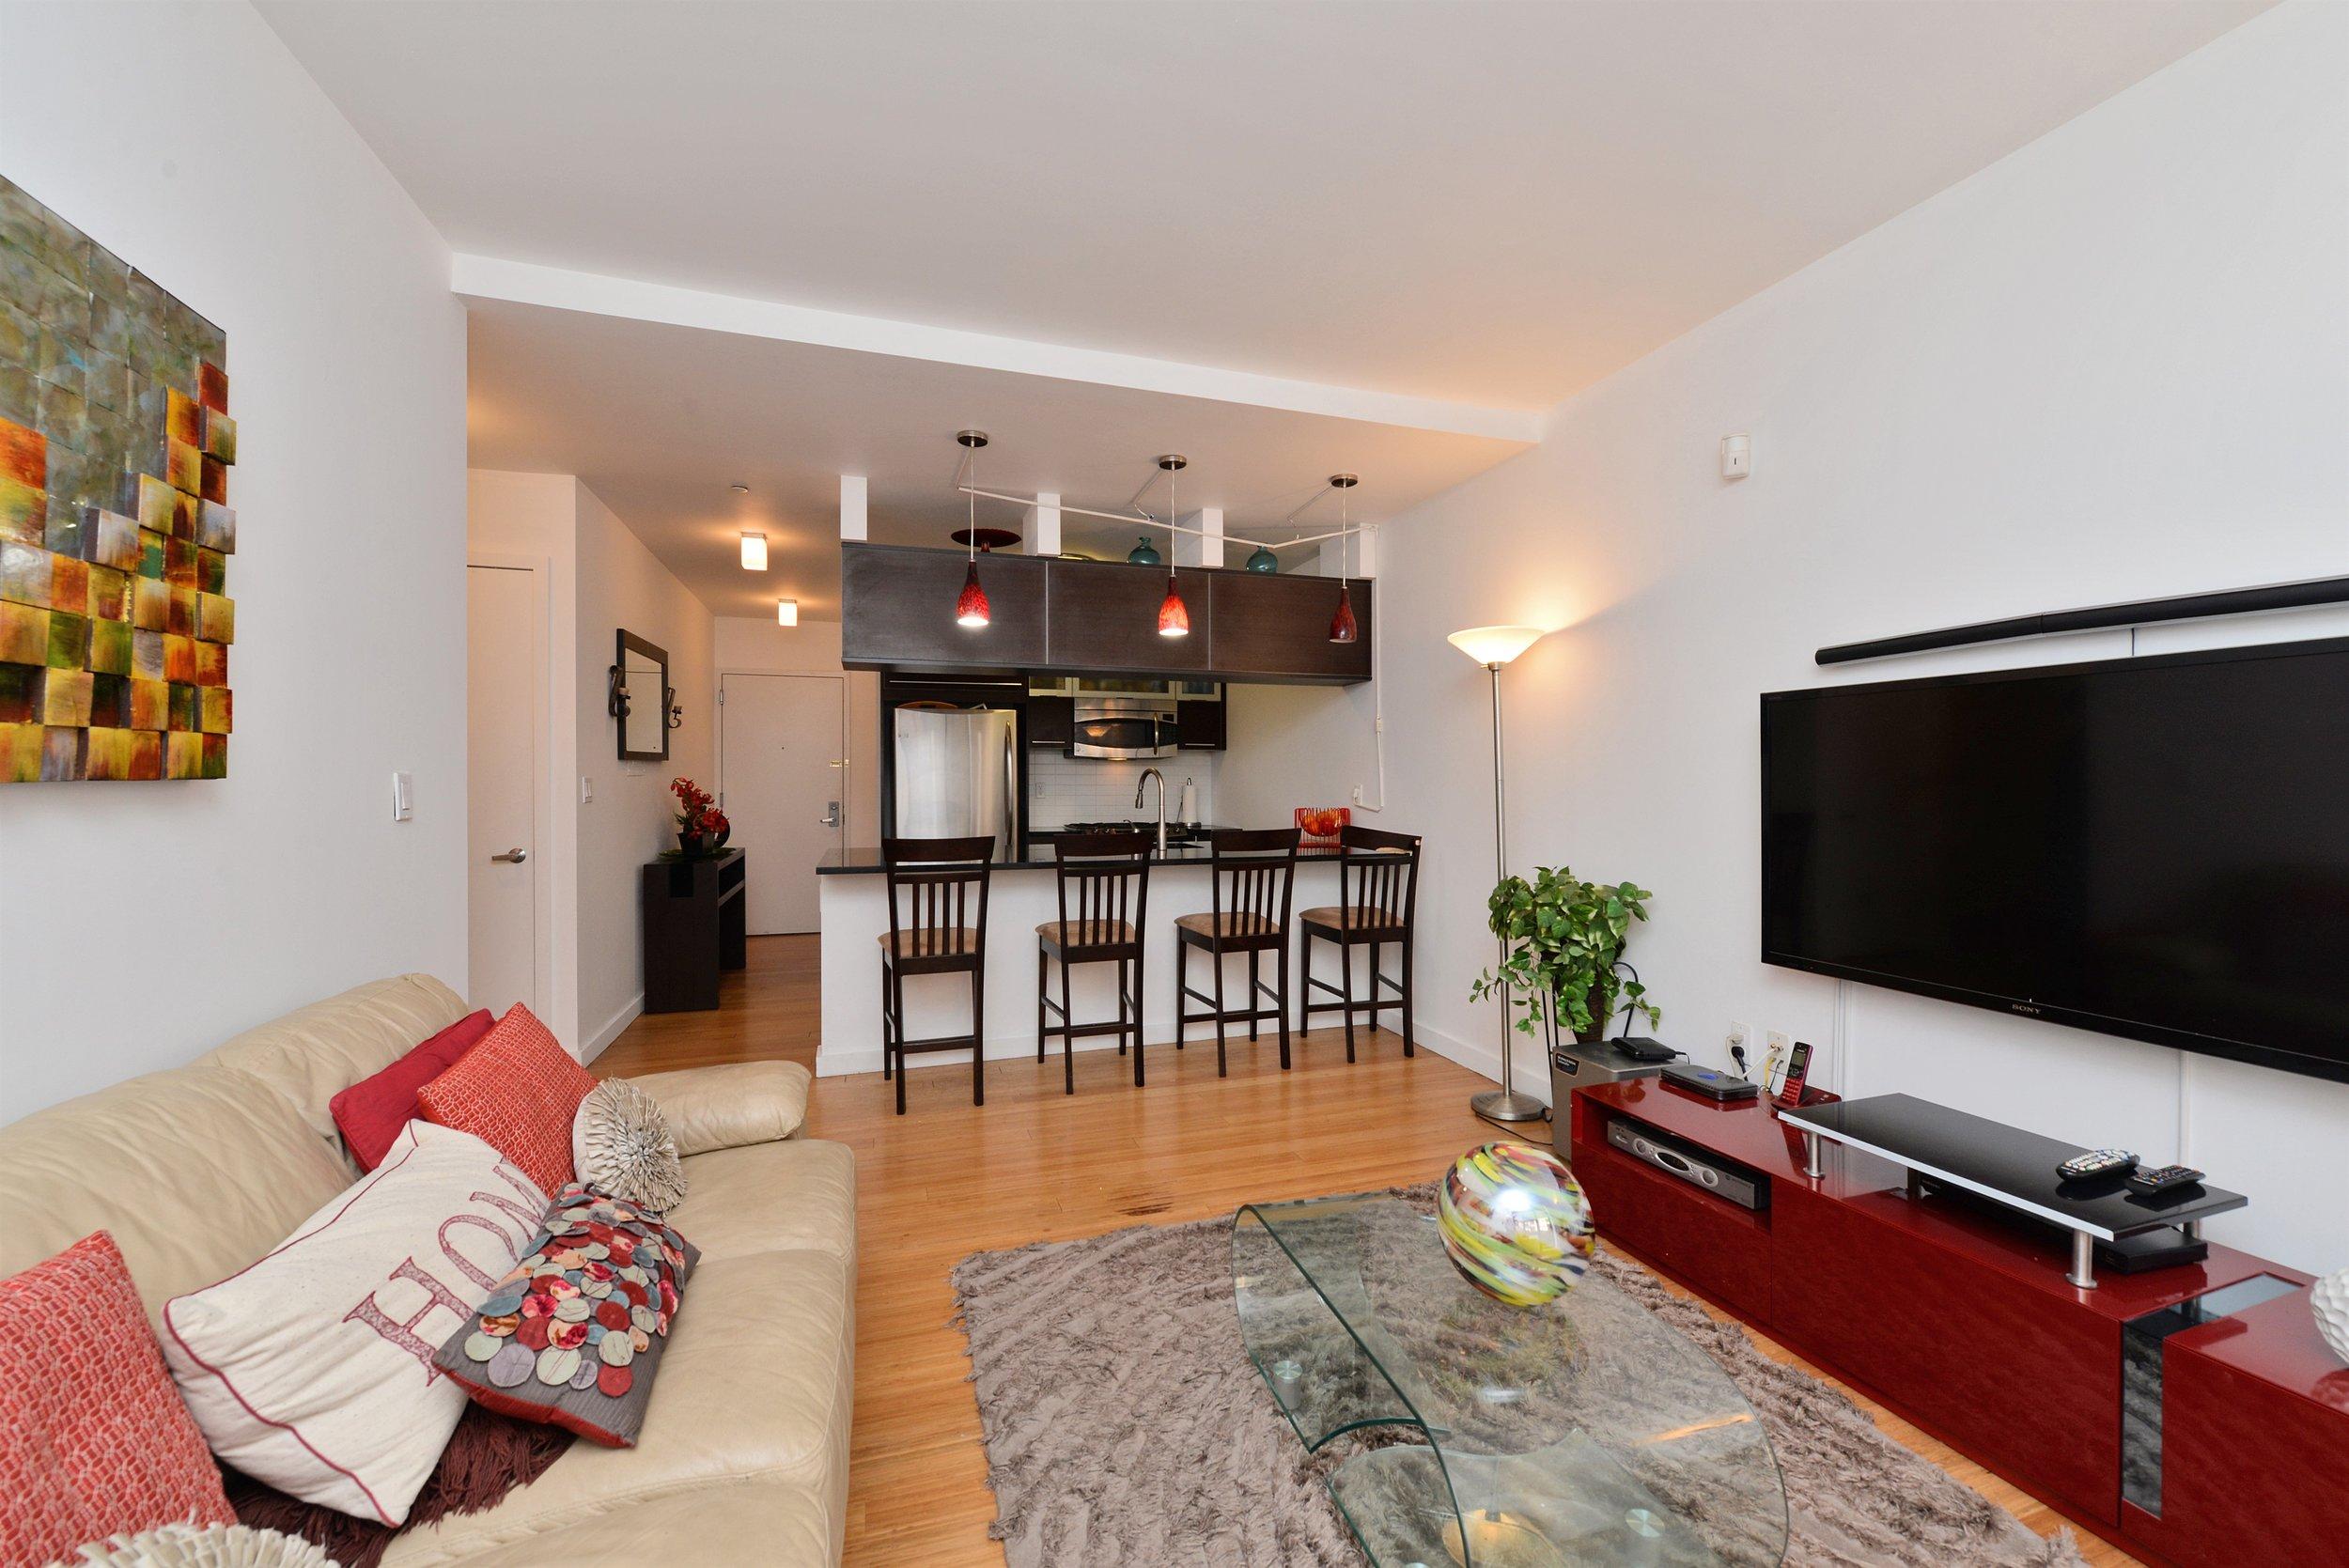 317 E 111 - Living Room - Breakfast Area.jpg